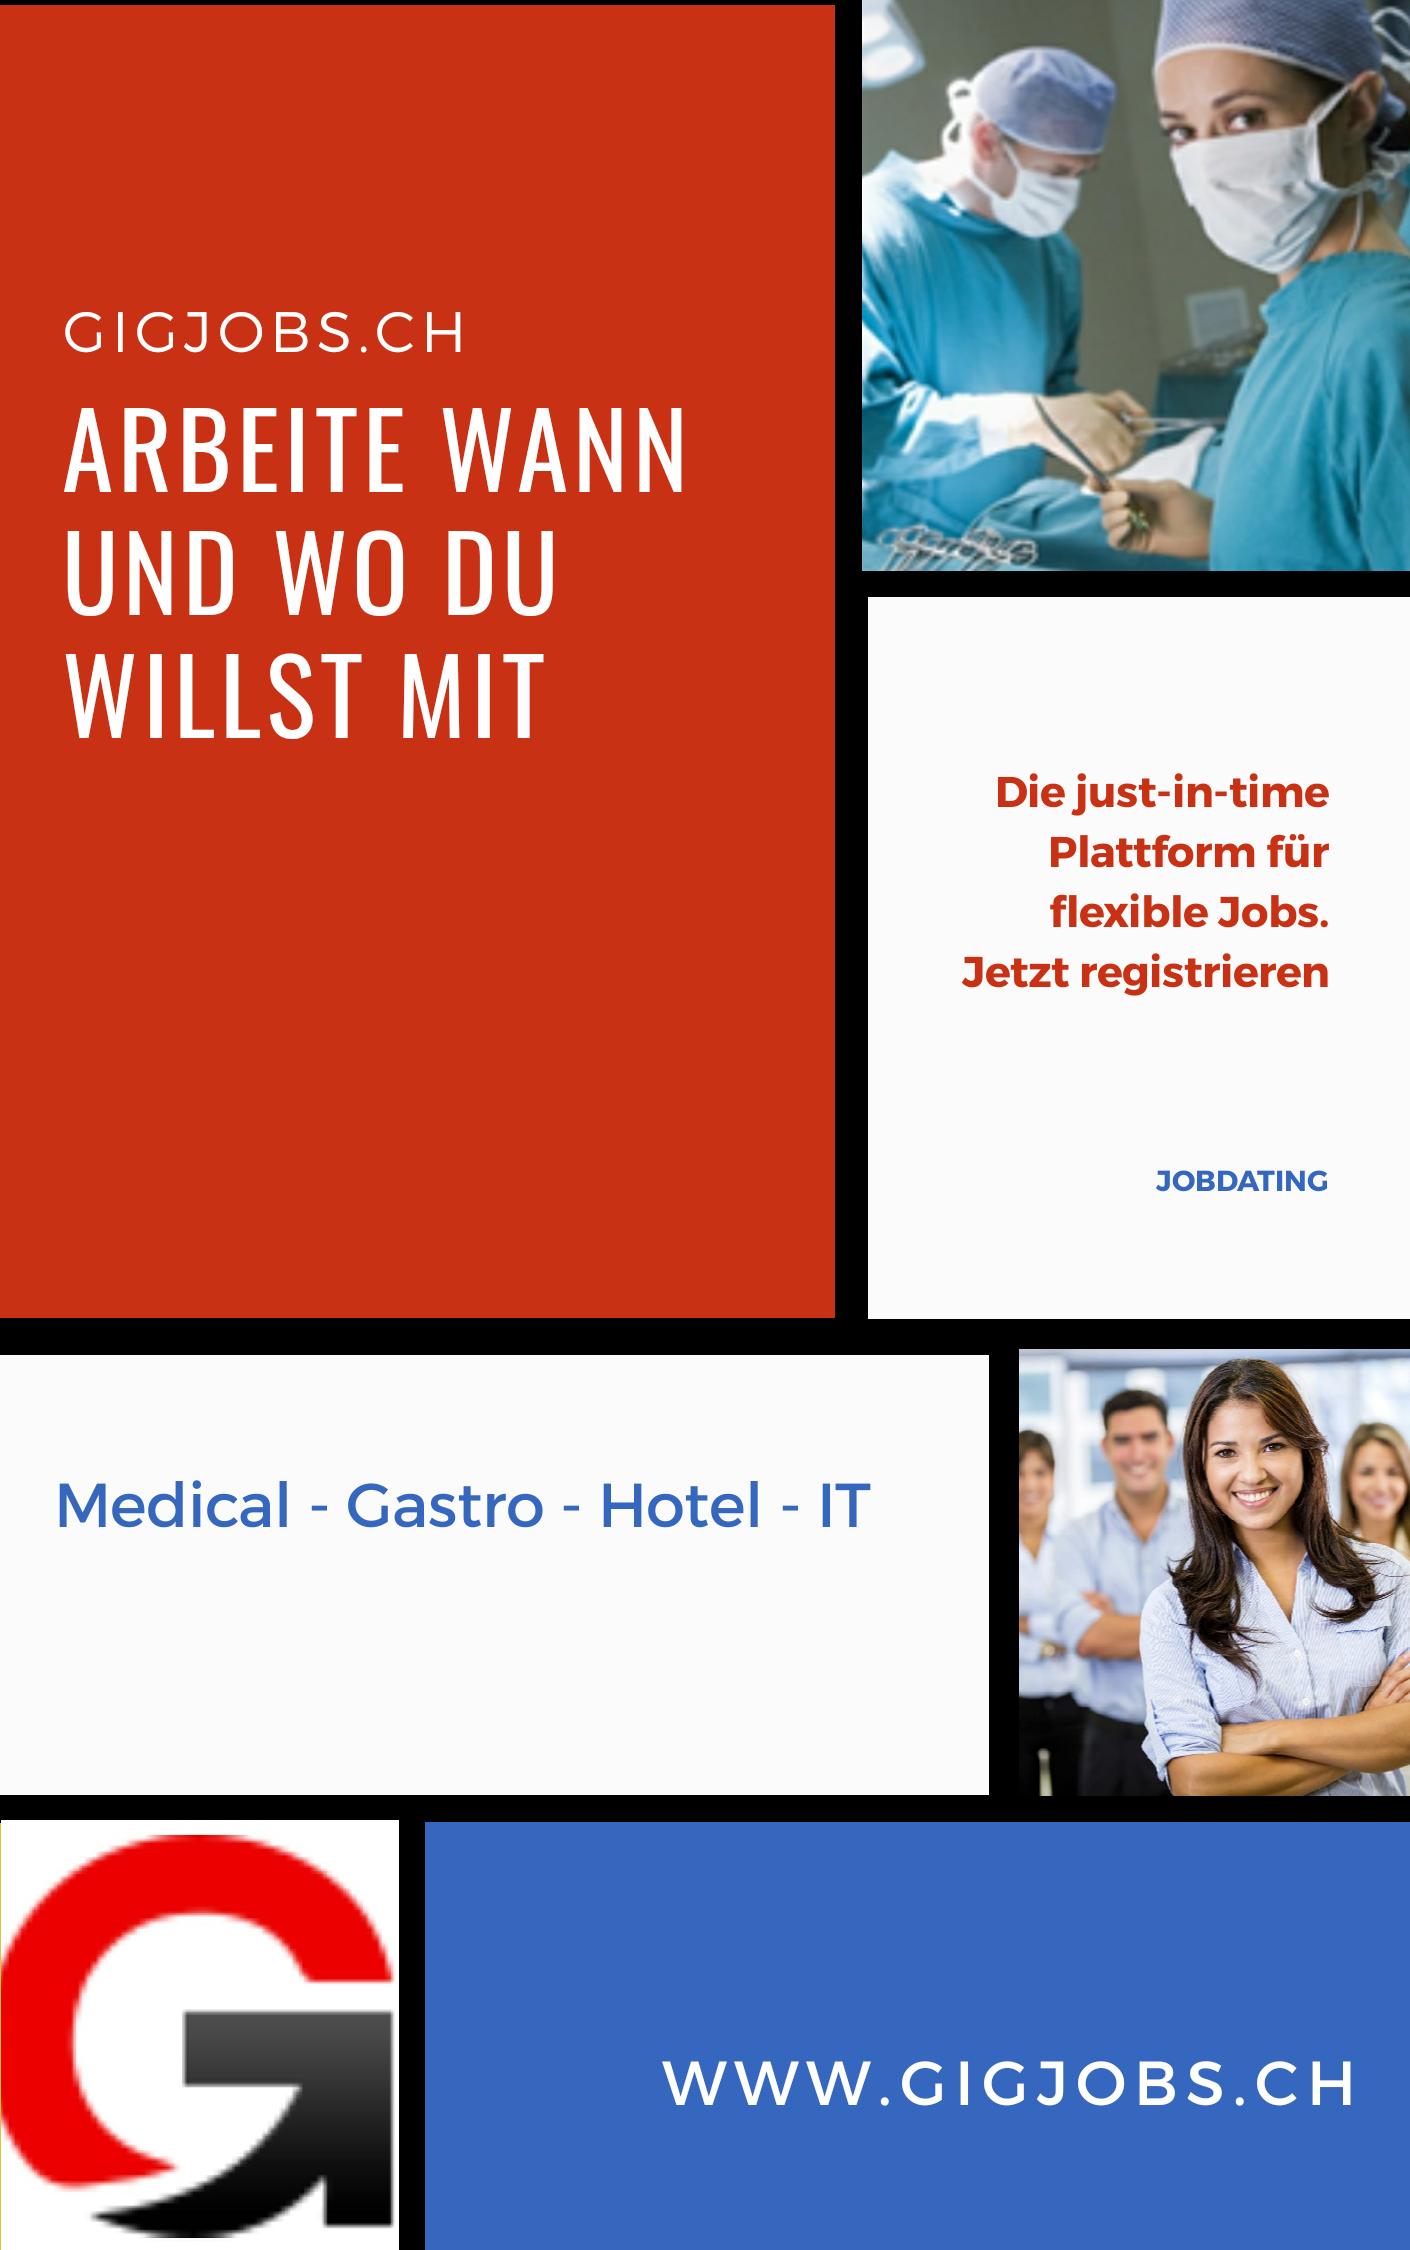 Titel Und Zeugnisse So Lugen Schweizer Bei Der Bewerbung Blick Arbeitszeugnis Bewerbung Unwahrheit